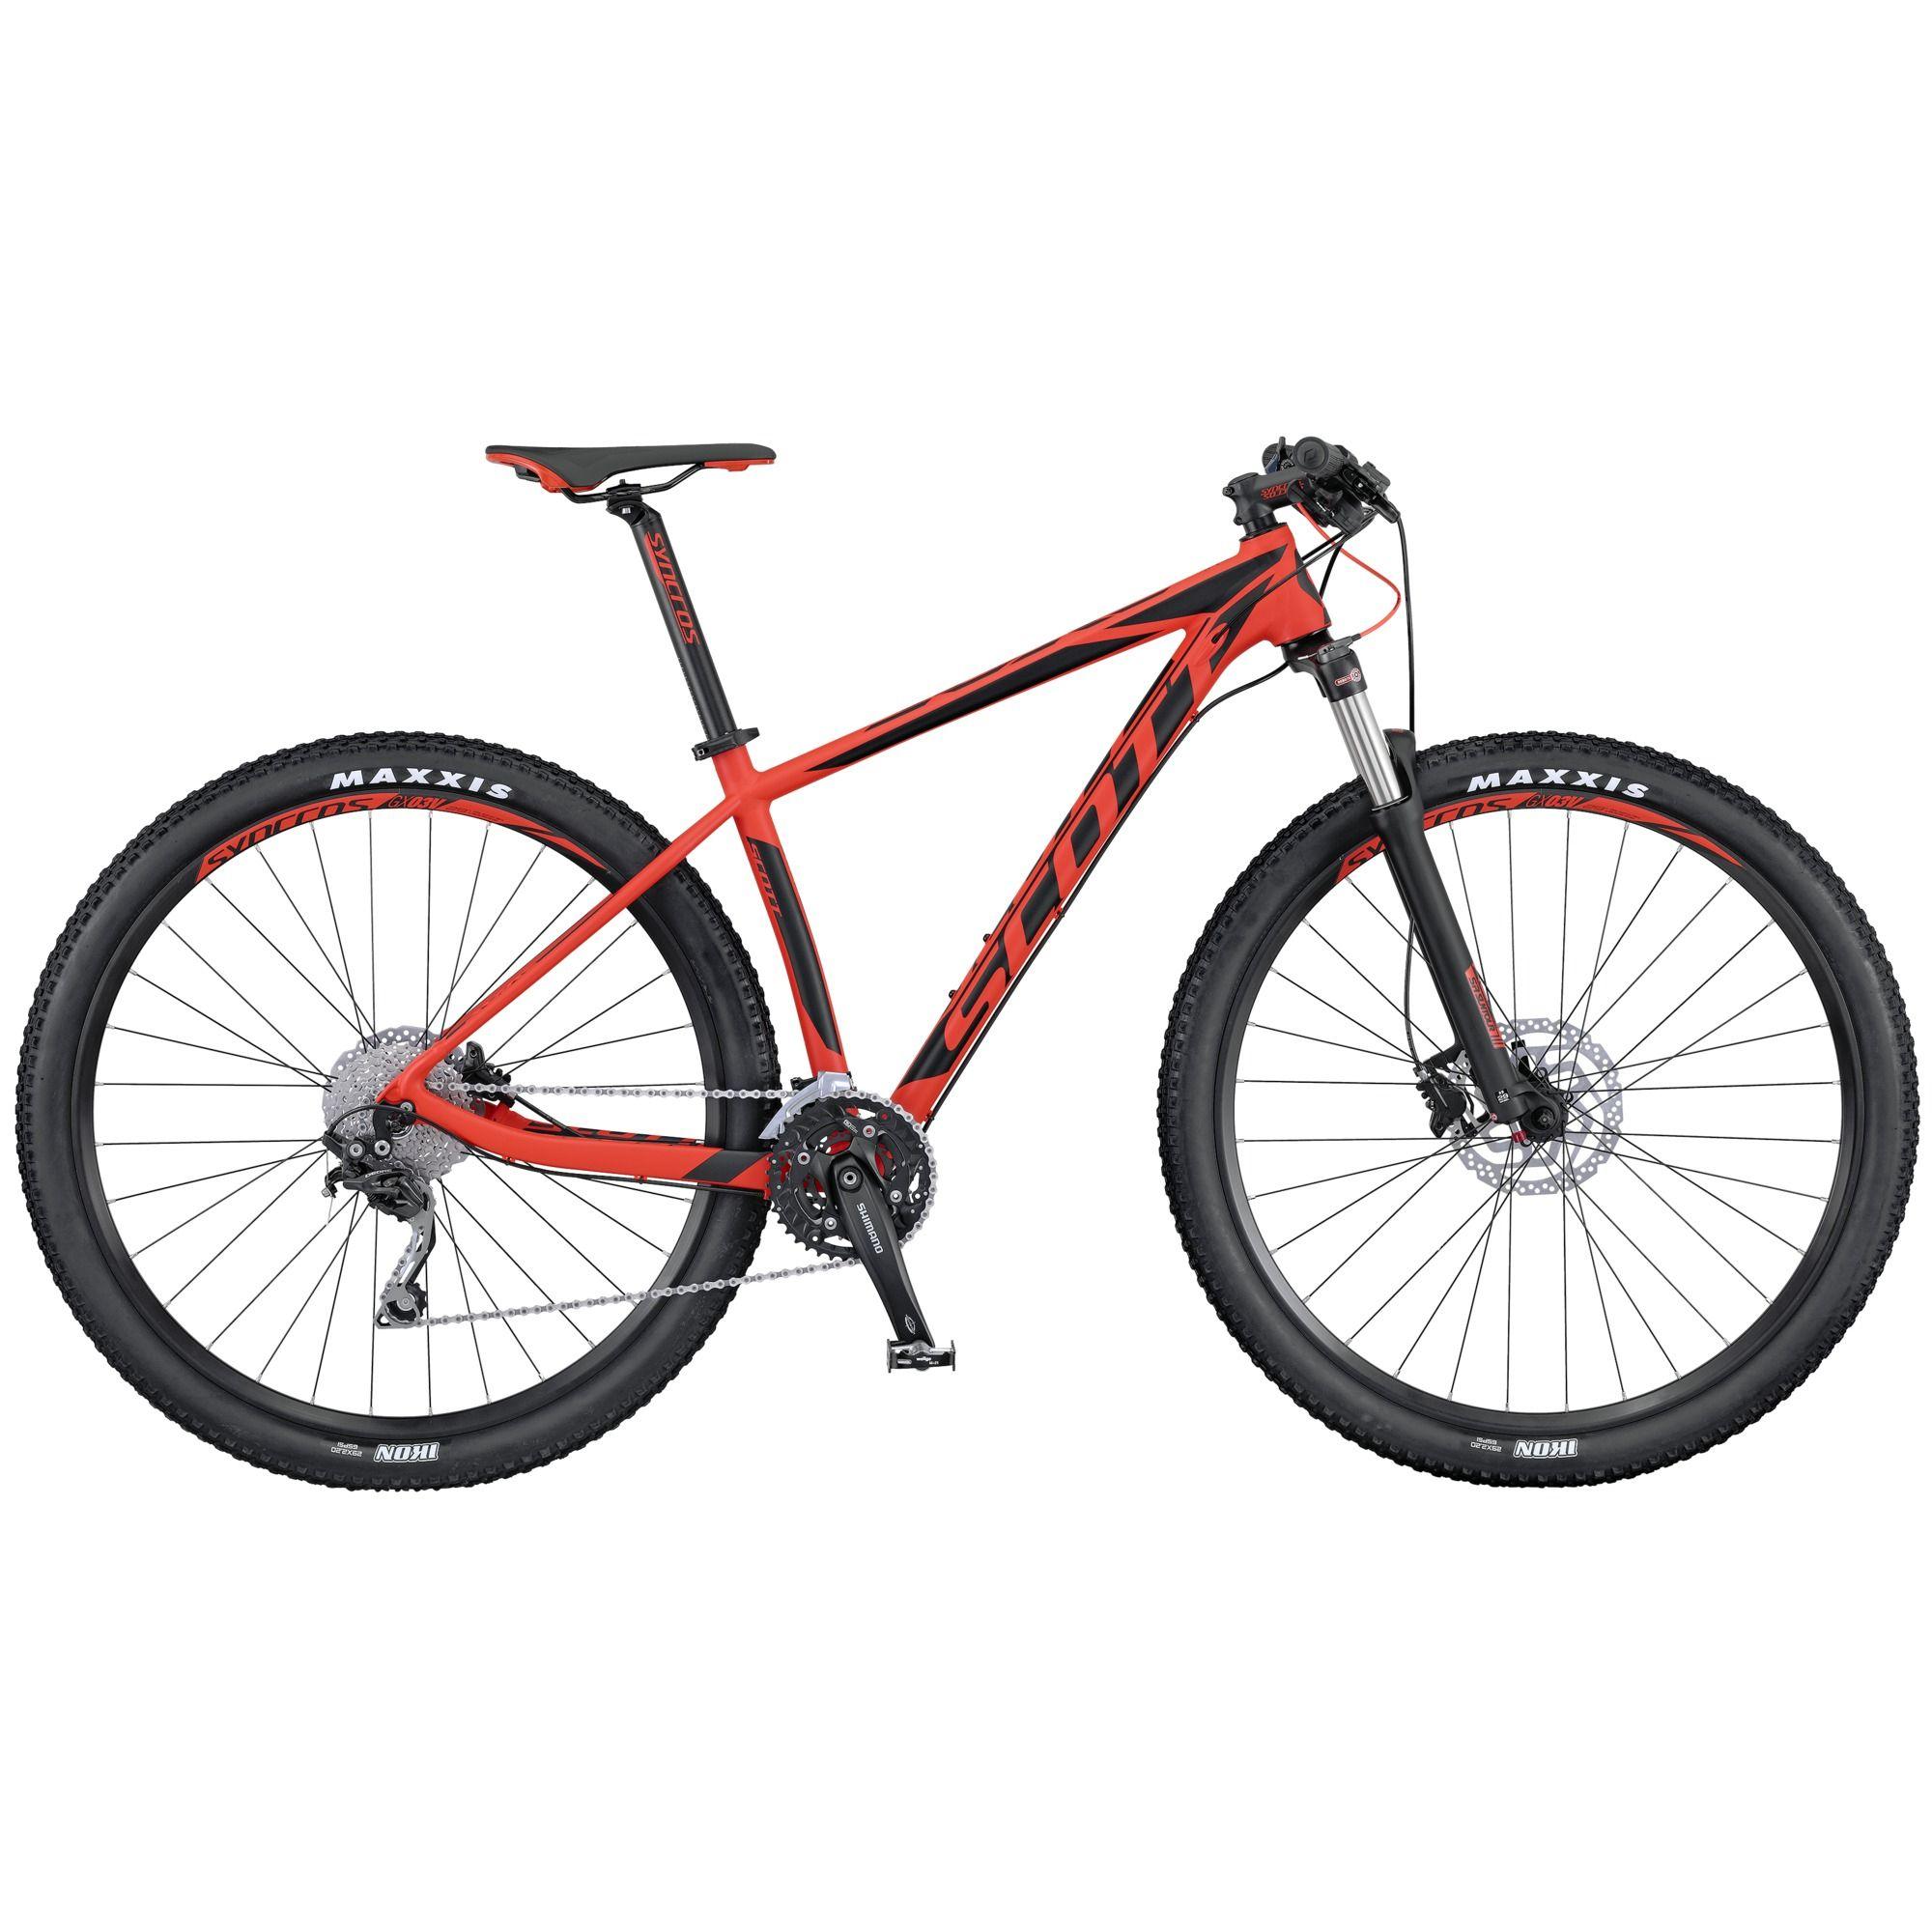 Велосипед ScottГорные<br><br><br>year: 2016<br>цвет: белый<br>пол: мужской<br>тип тормозов: дисковый гидравлический<br>диаметр колеса: 29<br>тип рамы: хардтейл<br>уровень оборудования: продвинутый<br>материал рамы: алюминий<br>тип амортизированной вилки: пружинно-масляная<br>длина хода вилки: от 100 до 150 мм<br>тип заднего амортизатора: без амортизатора<br>количество скоростей: 30<br>блокировка амортизатора: да<br>рулевая колонка: Syncros OE, полуинтегрированная, OD 50/61 мм, 1.5<br>вынос: Syncros, алюминиевый сплав 6061, 1 1/8<br>руль: Syncros Tbar, алюминиевый сплав 6061, ширина 720 мм, 9°<br>передний тормоз: Shimano M396, диаметр ротора 180 мм<br>задний тормоз: Shimano M396, диаметр ротора 160 мм<br>цепь: KMC X10<br>система: Shimano FC-M523 Octalink, 40x30x22T<br>каретка: Shimano ES300, Octalink, 73-118 мм<br>педали: Wellgo M-21<br>ободья: Syncros GX03V, 32H<br>передняя втулка: Formula CL51<br>задняя втулка: Shimano FH-RM35 CL<br>спицы: 15g нержавеющая сталь, черные, 1.8 мм<br>передняя покрышка: Maxxis Ikon, 27.5 x 2.2<br>задняя покрышка: Maxxis Ikon, 27.5 x 2.2<br>седло: Syncros XR2.5<br>подседельный штырь: Syncros, 31.6 мм<br>кассета: Shimano CS-HG50-10, 11-36T<br>задний переключатель: Shimano Deore RD-M610 SGS, Shadow Type<br>манетки: Shimano Deore SL-M610, Rapidfire plus<br>вес: 13.3 кг<br>рама: Scale, Custom butted, superlight tubing, алюминиевый сплав SL<br>вилка: Suntour XCR RL-R, ход 100 мм<br>размер рамы: 20&amp;amp;quot;<br>Серия: Scale